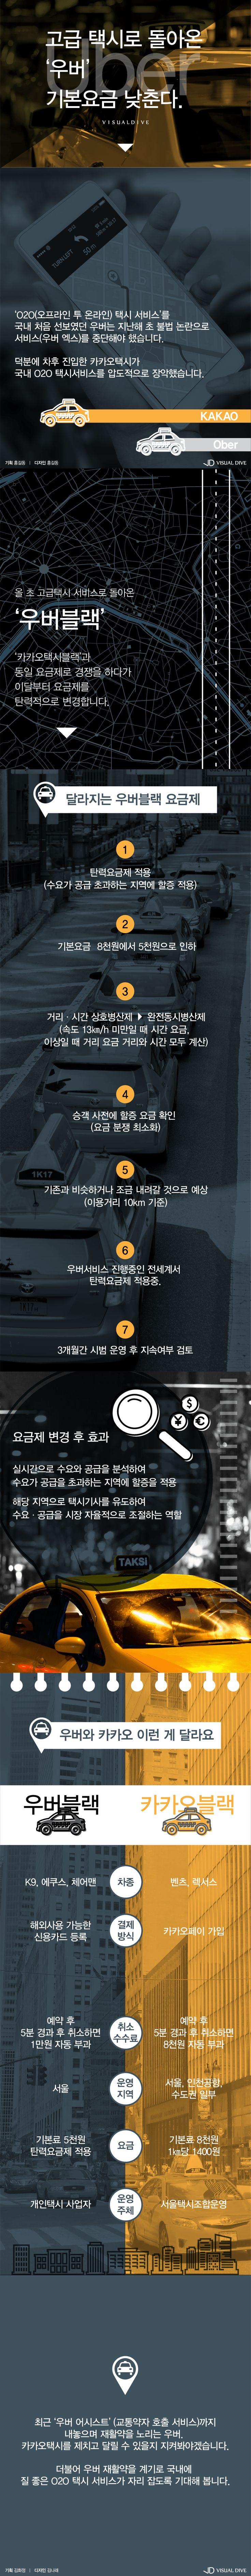 '우버블랙' 달라지는 요금제 [인포그래픽] #taxi / #Infographic ⓒ 비주얼다이브 무단 복사·전재·재배포 금지